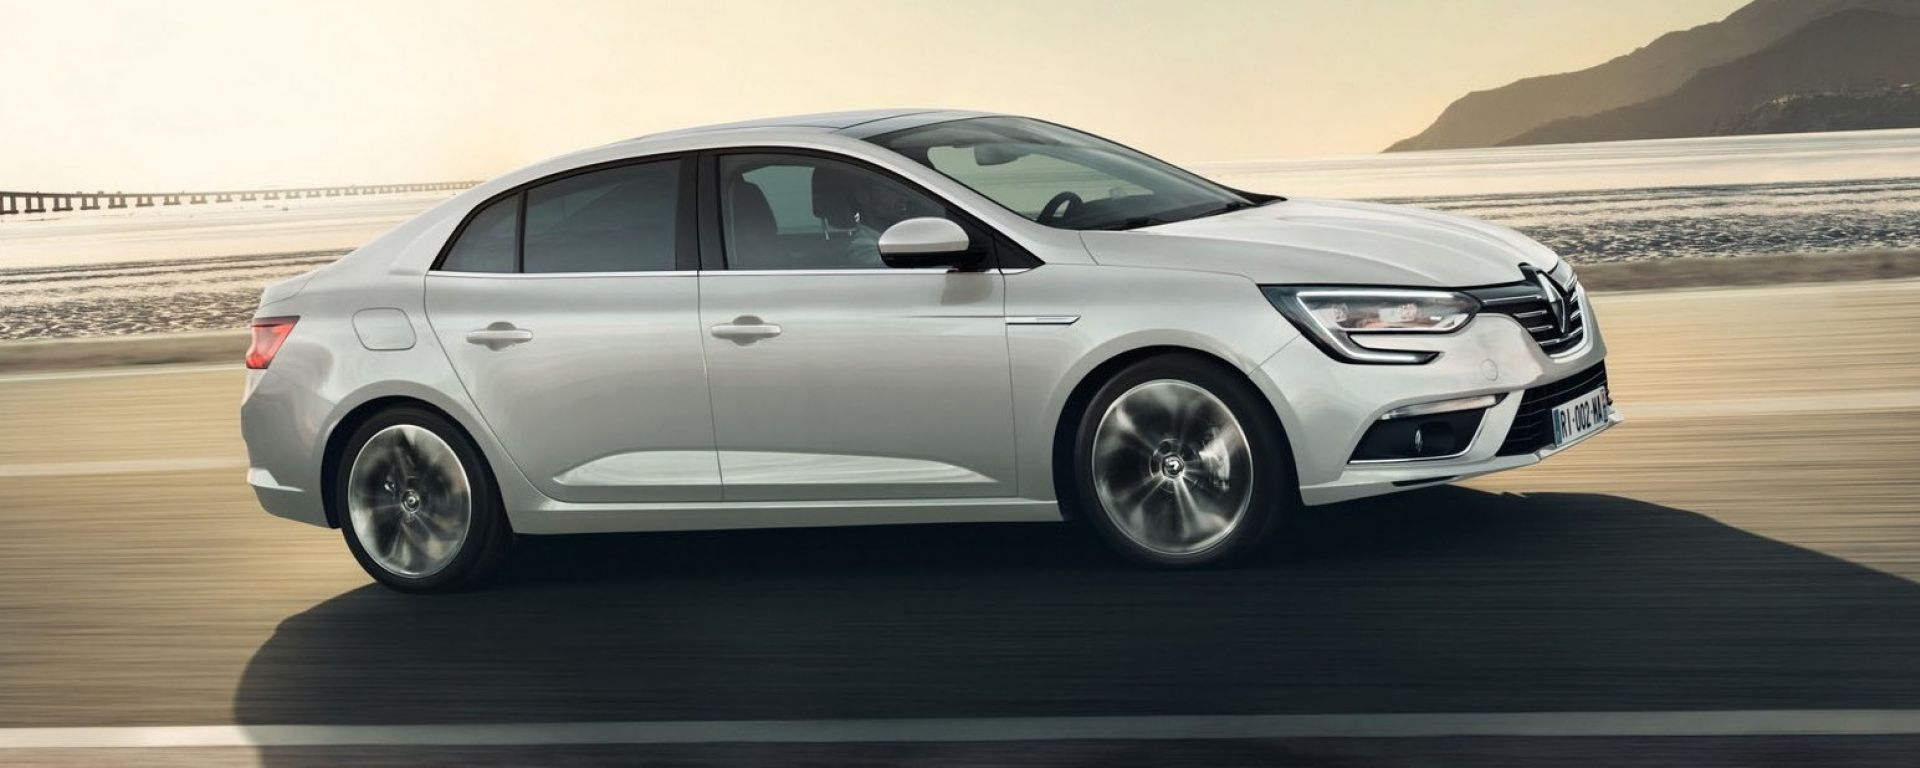 Renault Megane Grand Coupé: due allestimenti, Zen e Intens